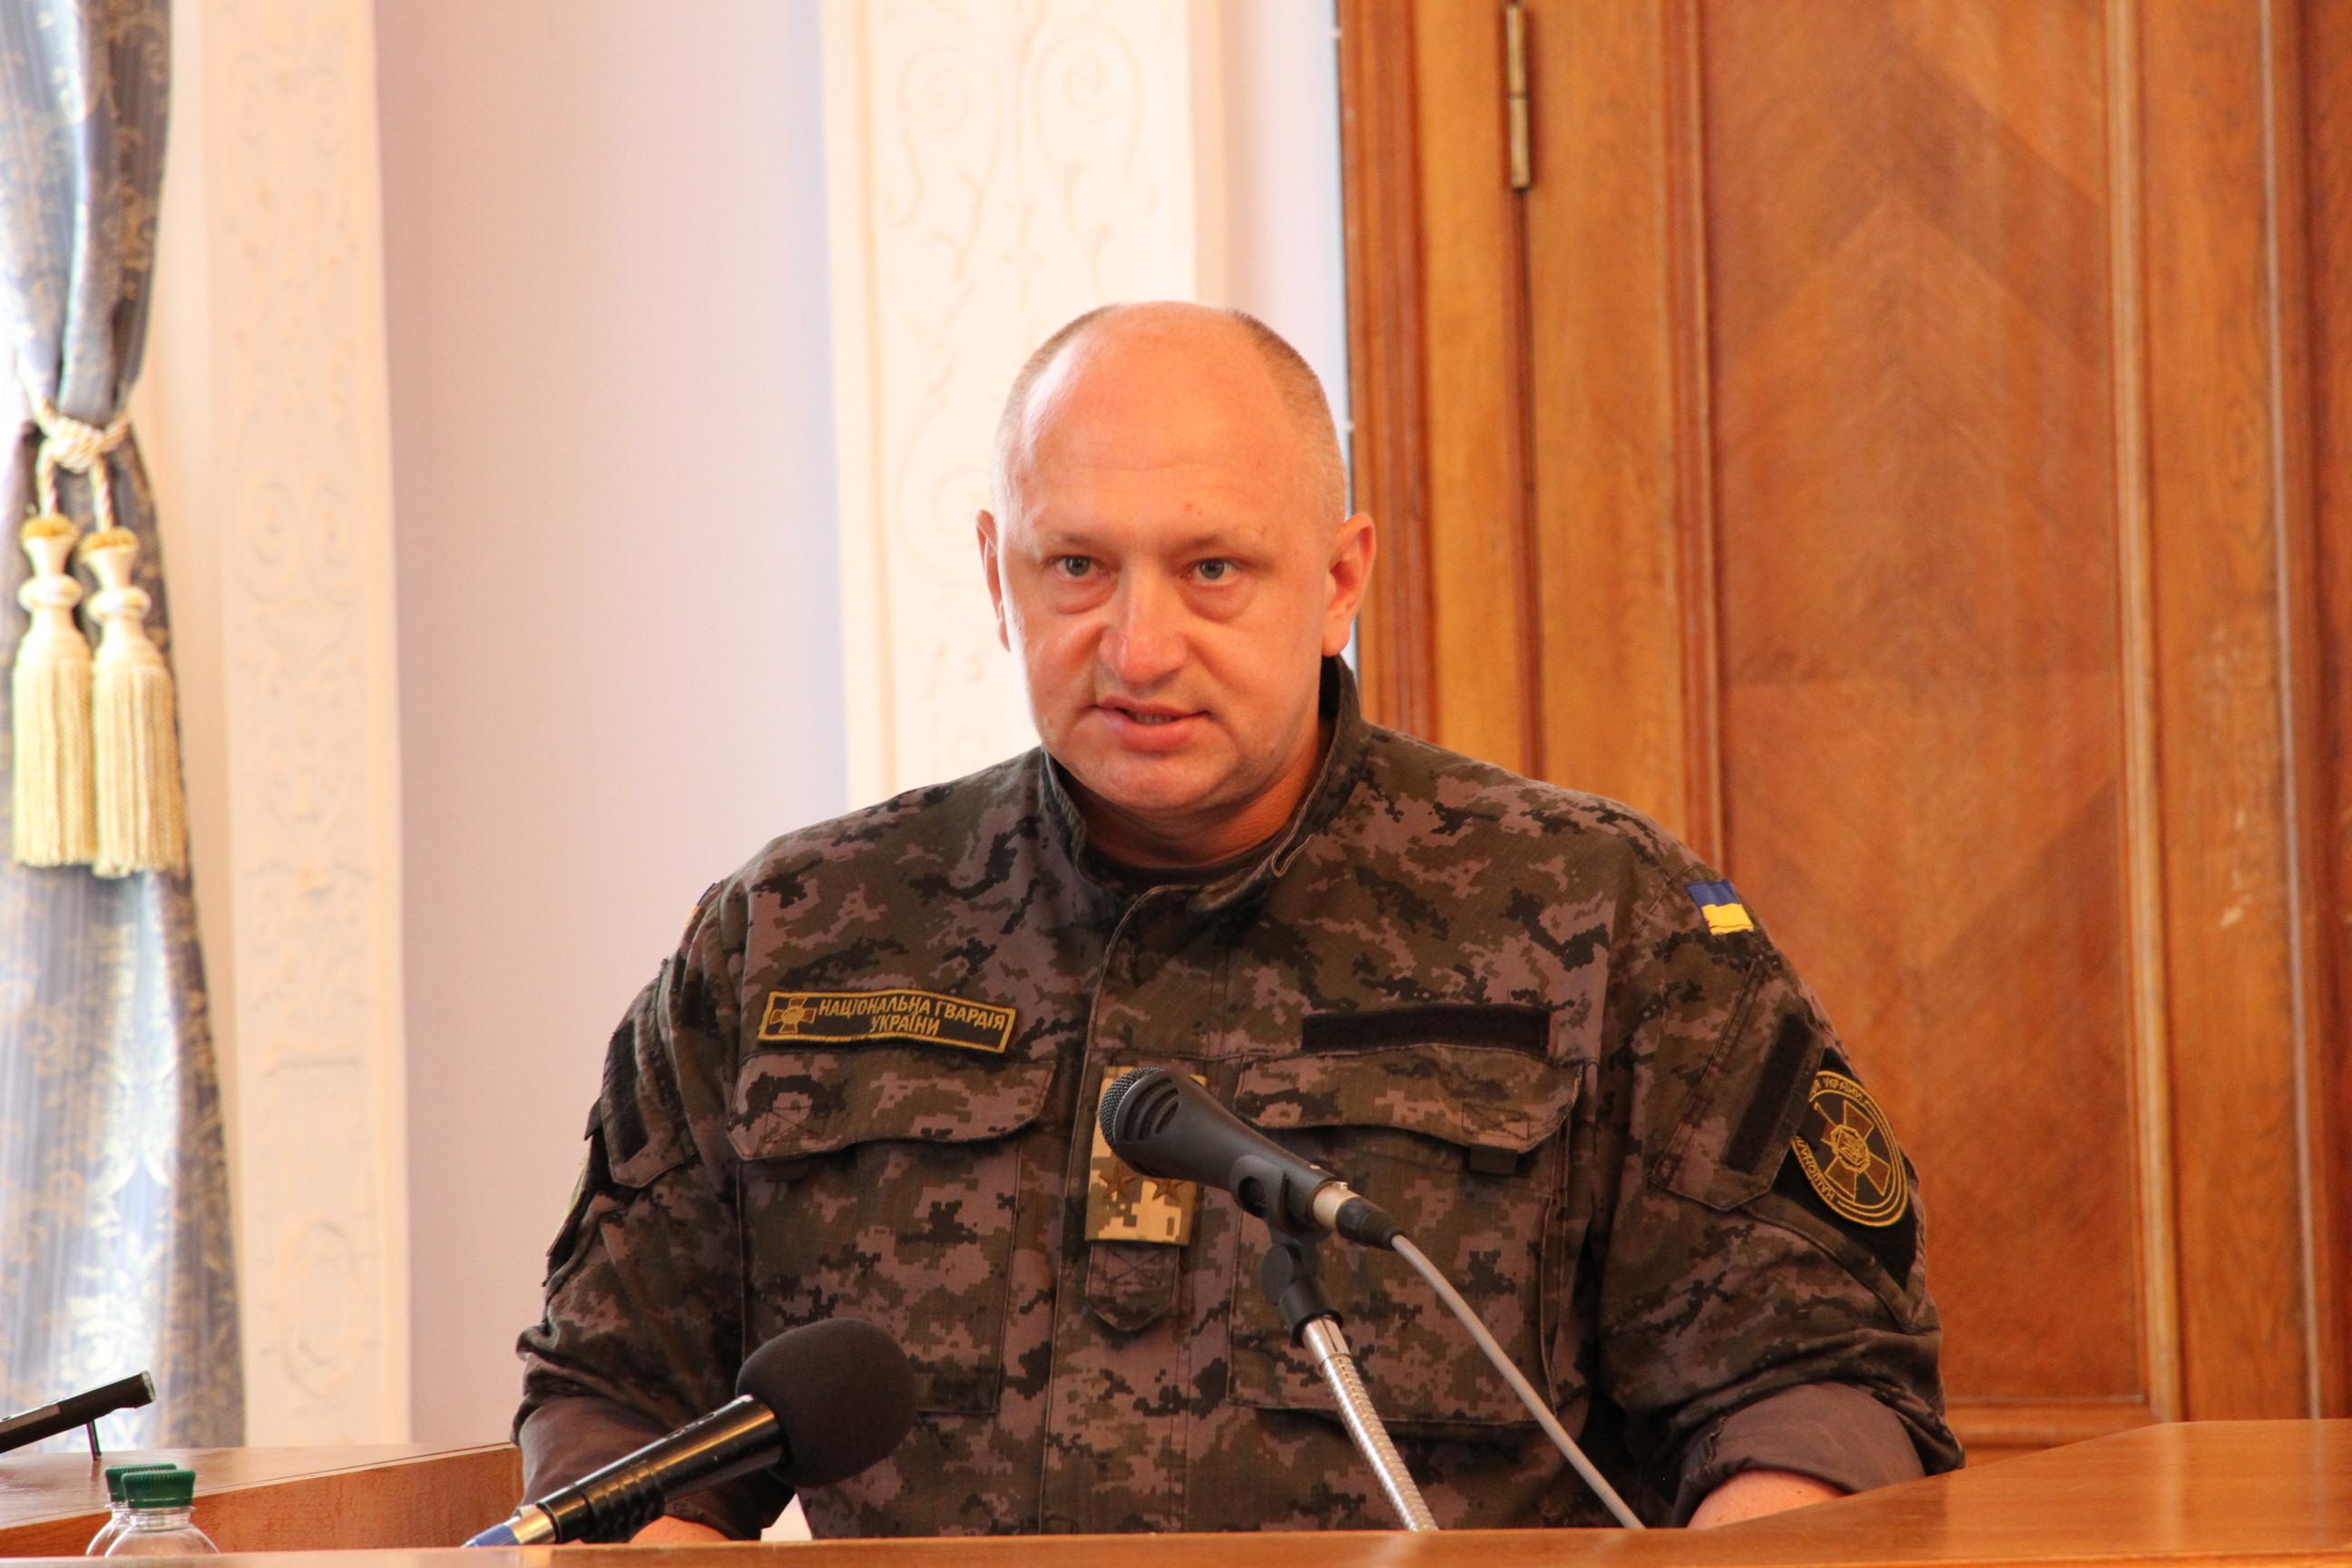 Мэр Николаева получил от Нацгвардейцев грамоту за помощь бойцам в зоне АТО (ФОТО), фото-1